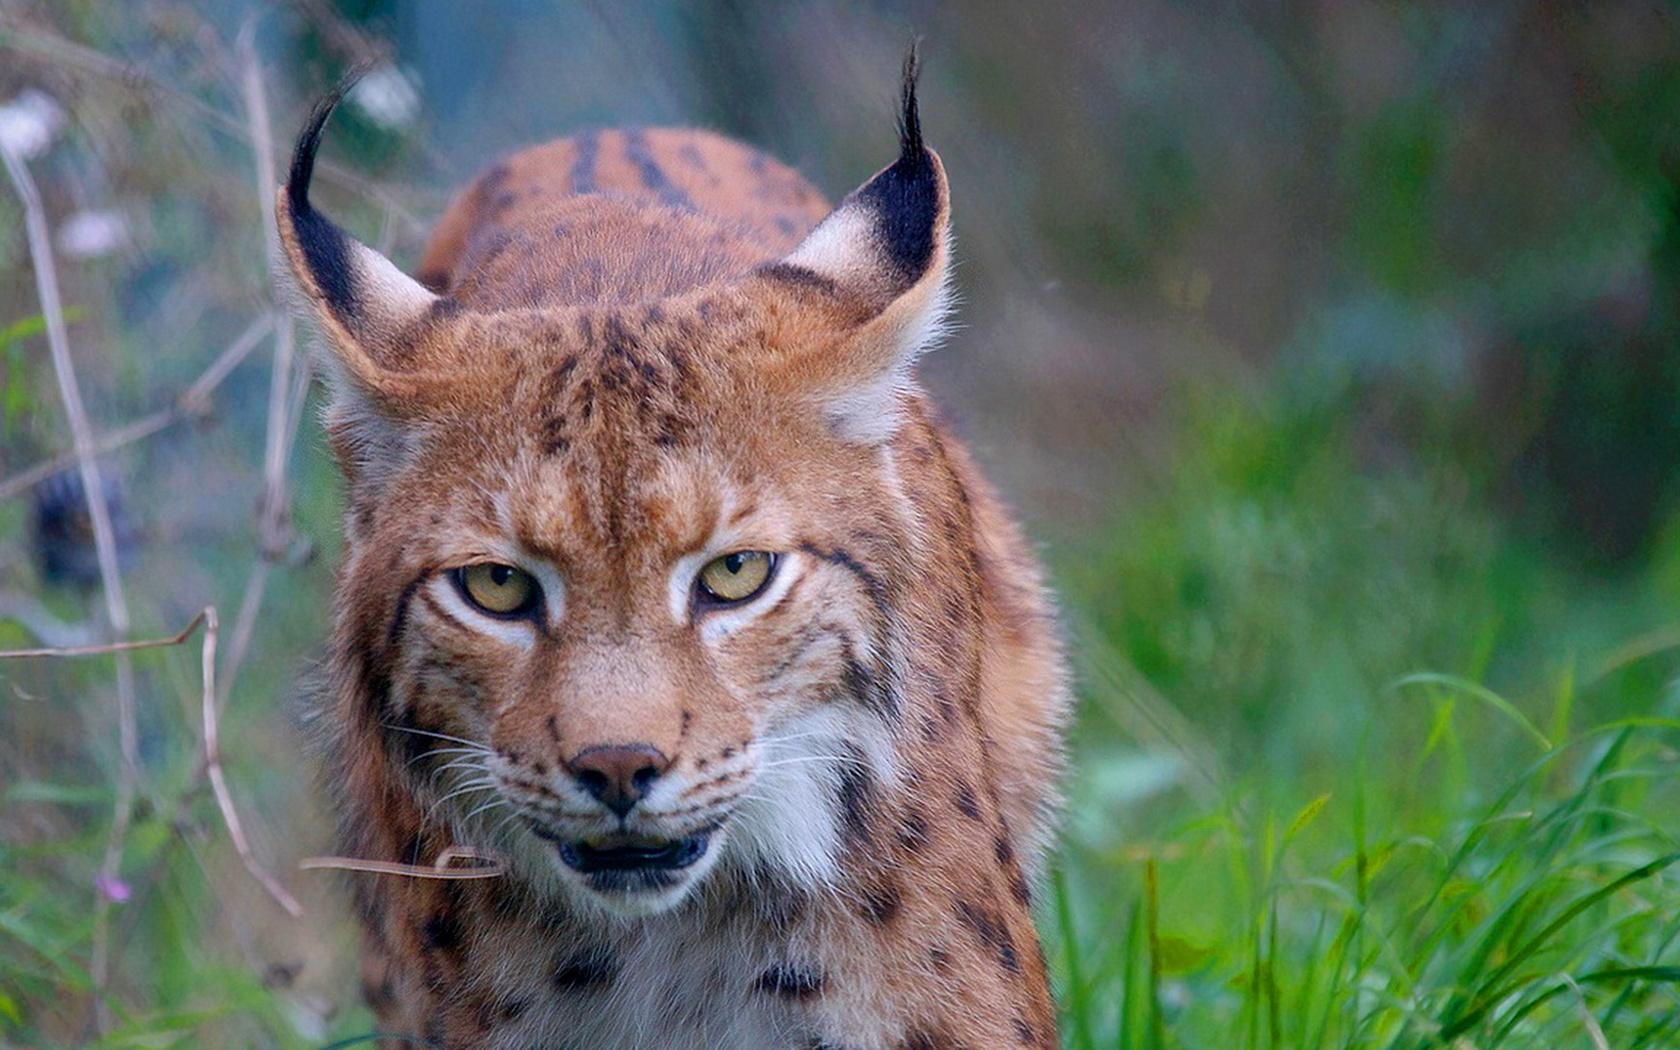 воскресения картинки рыси в бою неопубликованного эксклюзив